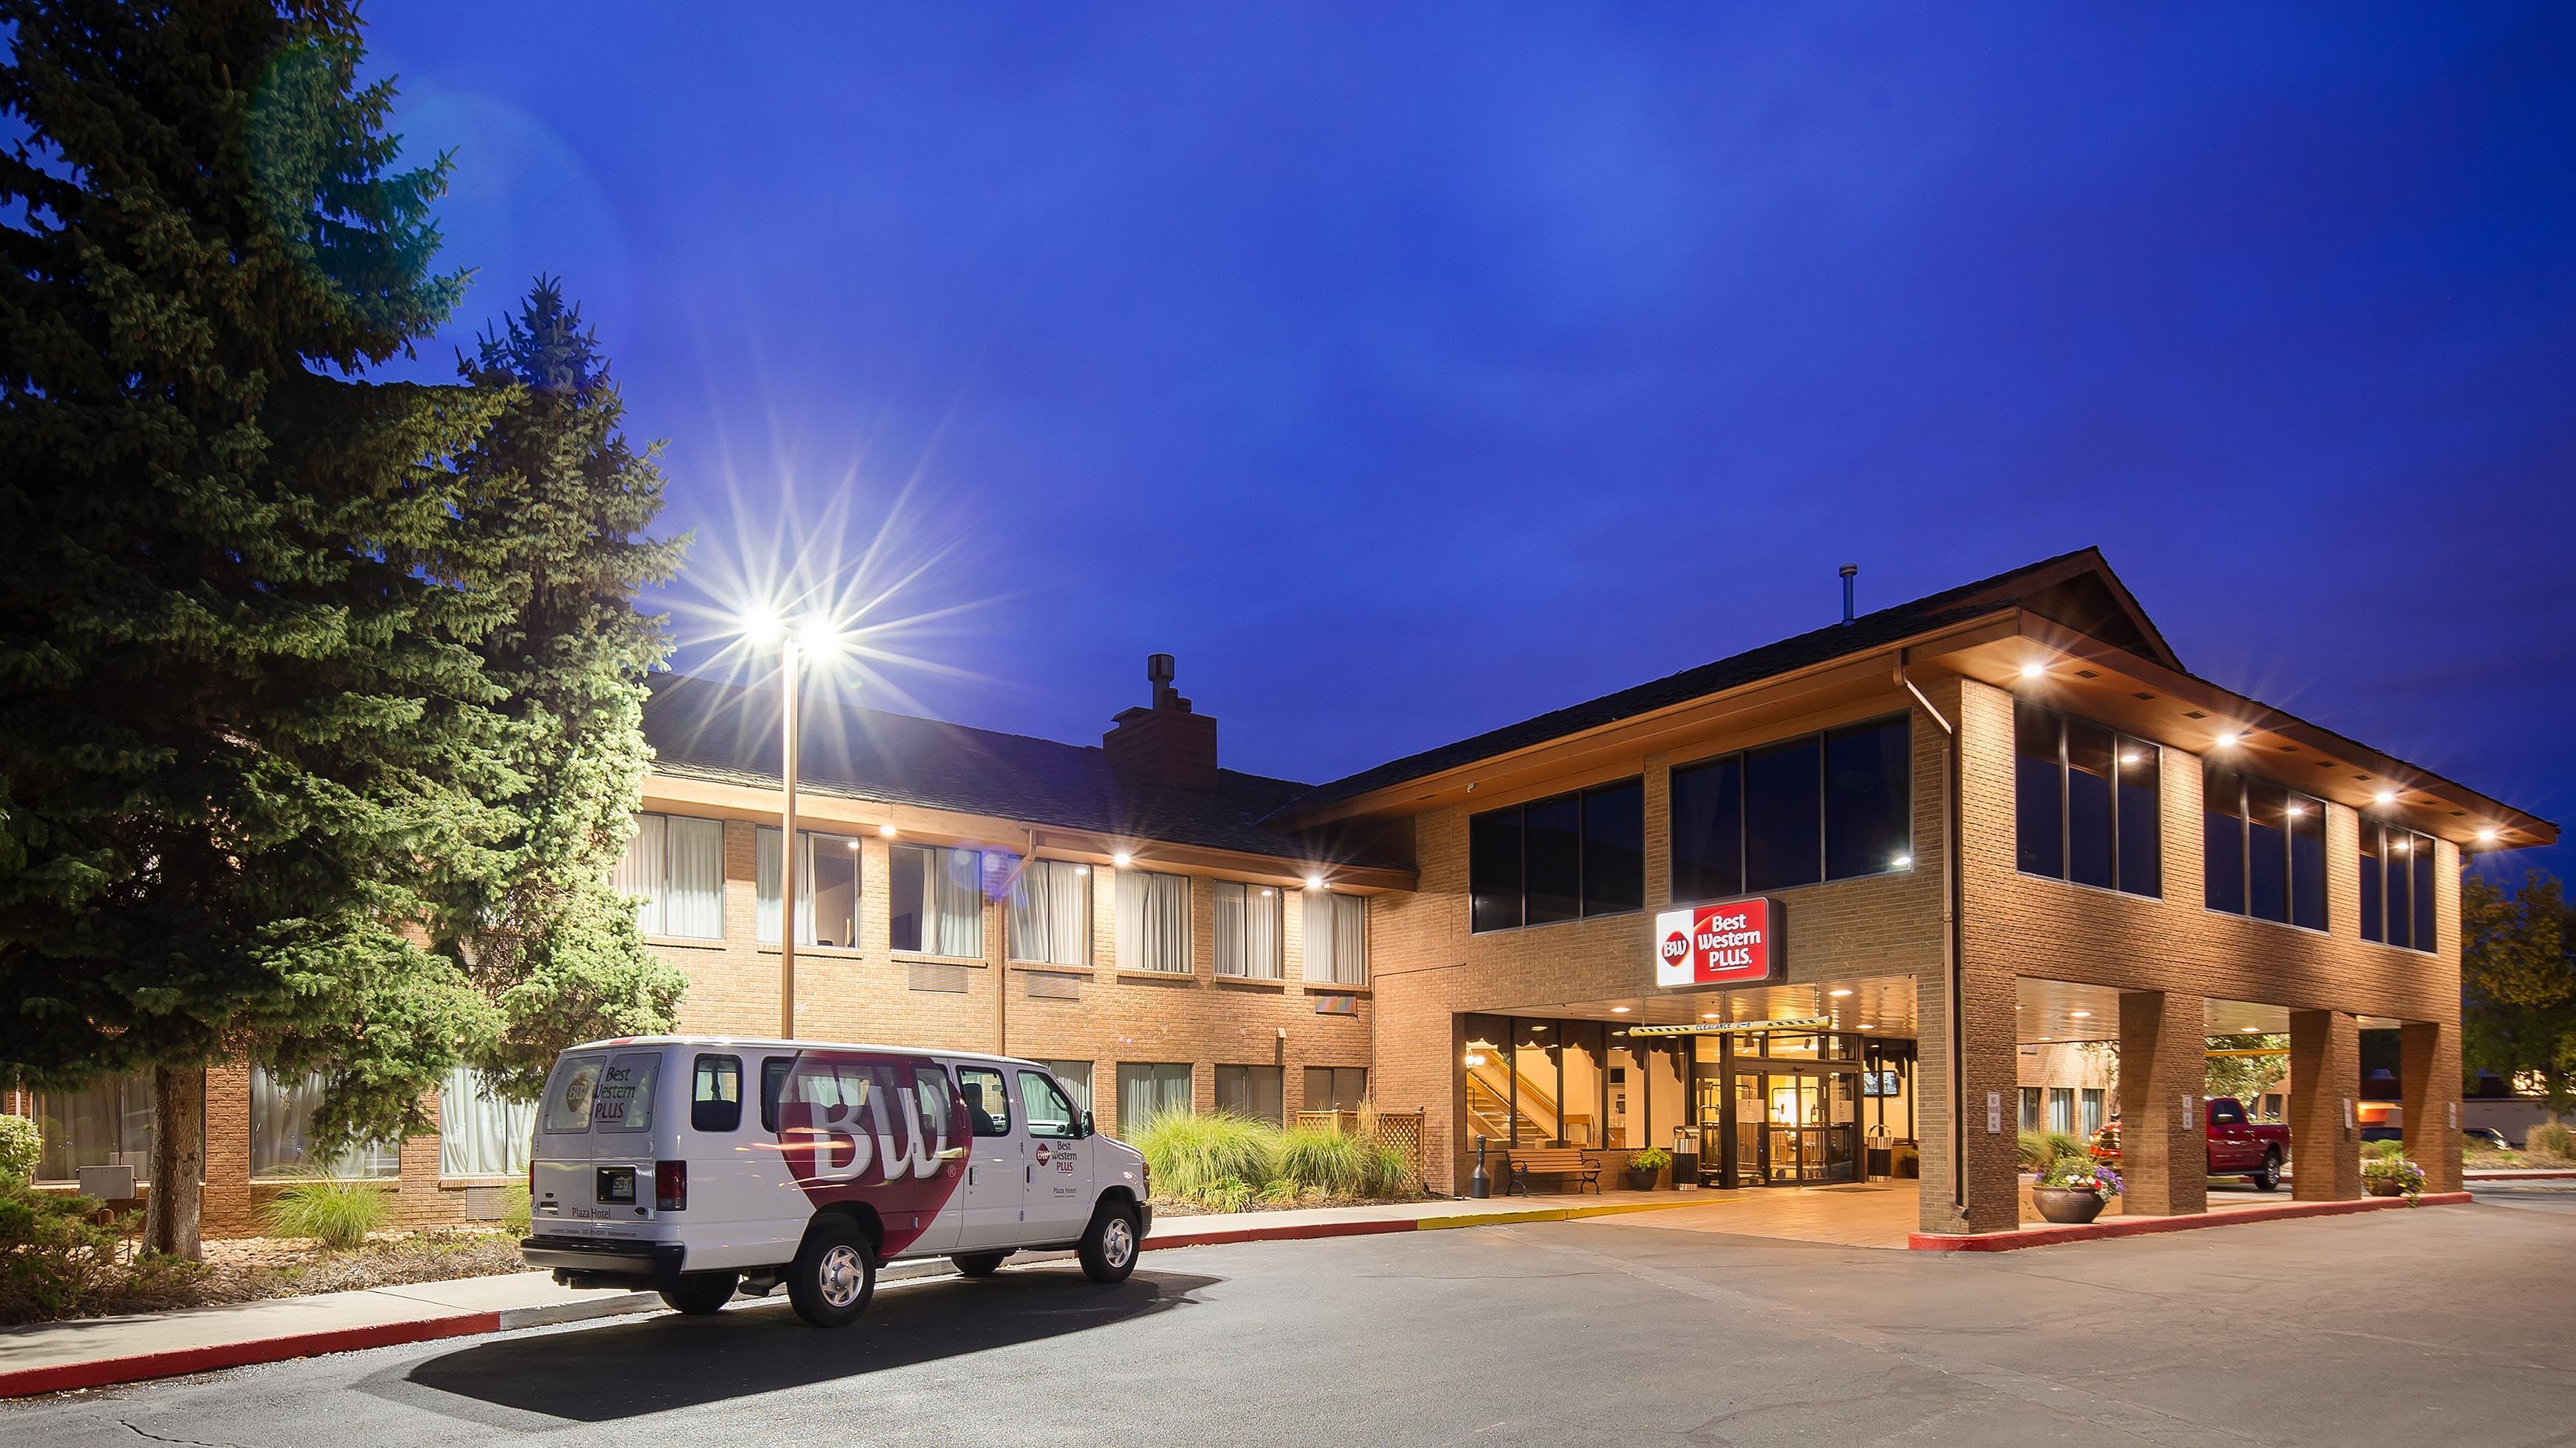 Best Western Plus Plaza Hotel Longmont Co